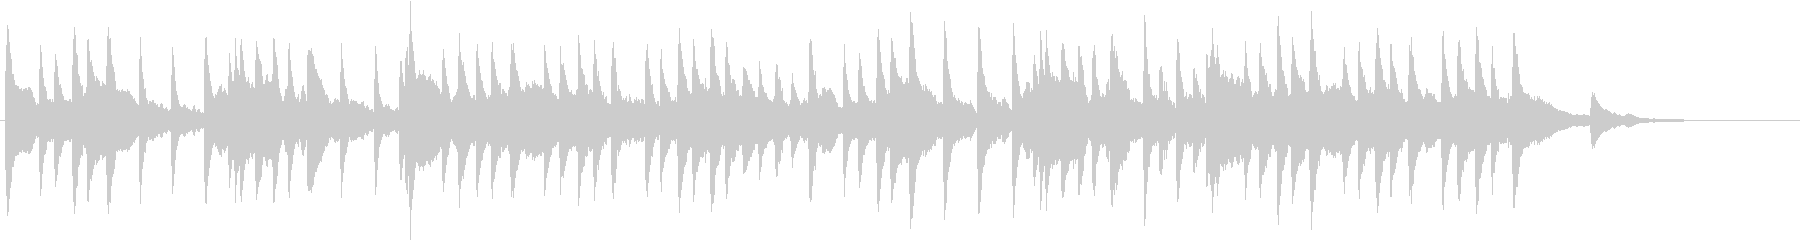 メヌエット バッハ オルゴールの未再生の波形